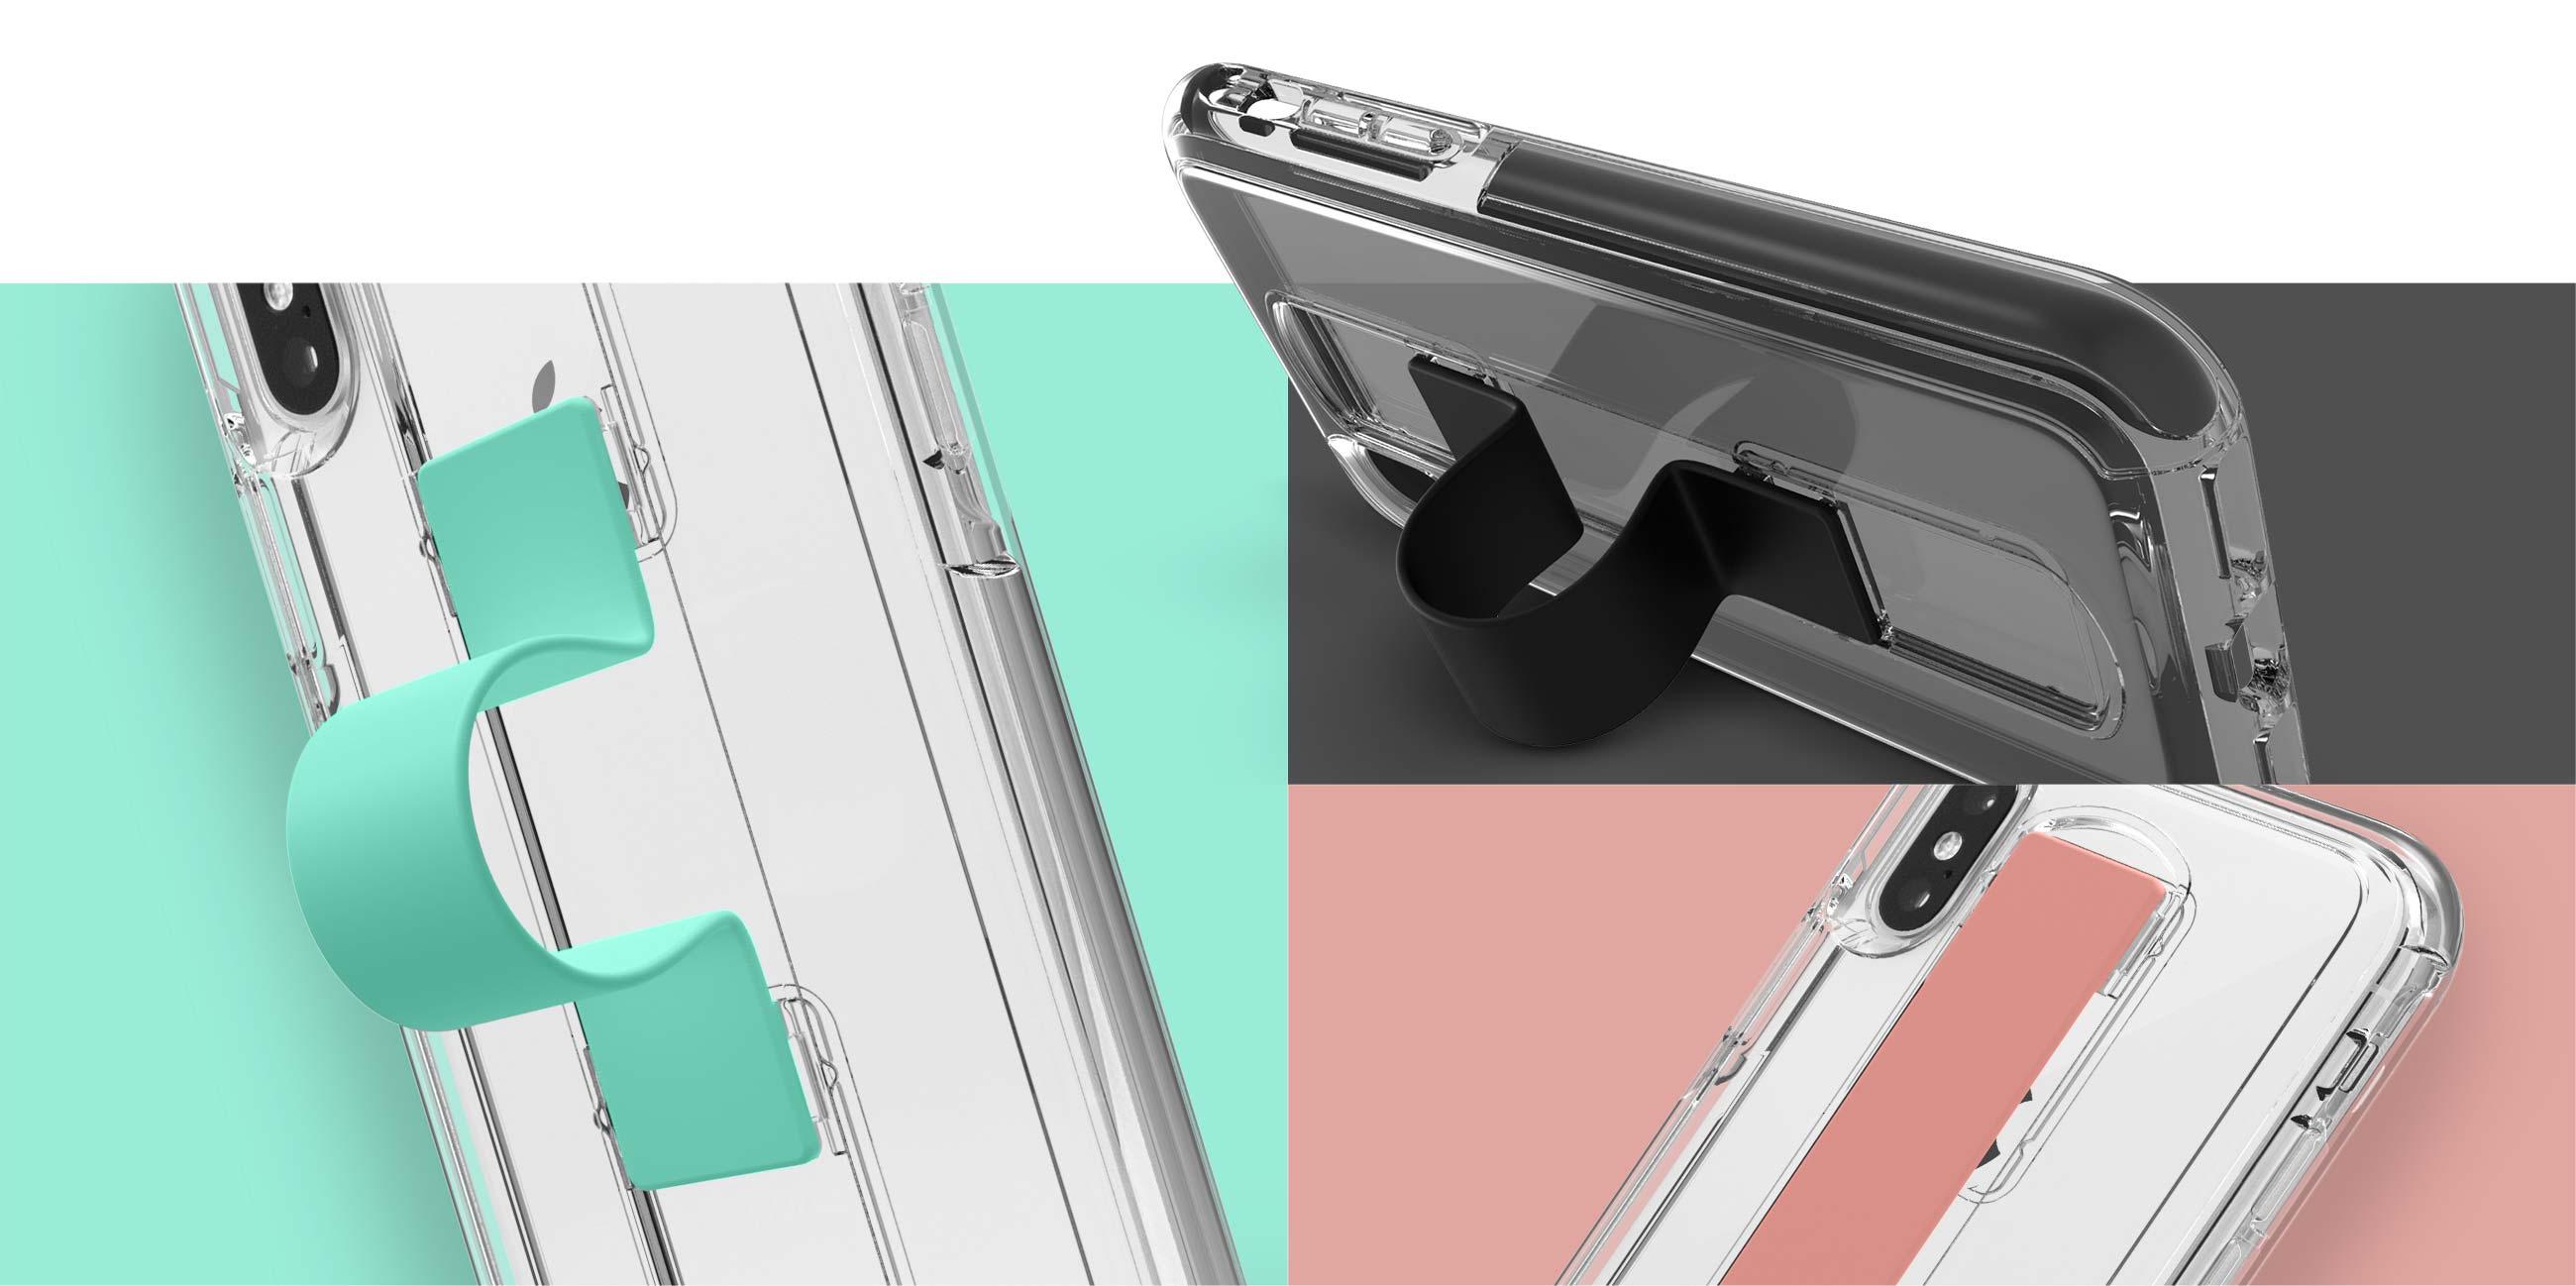 Slidevue fingerloop case comes in several colors